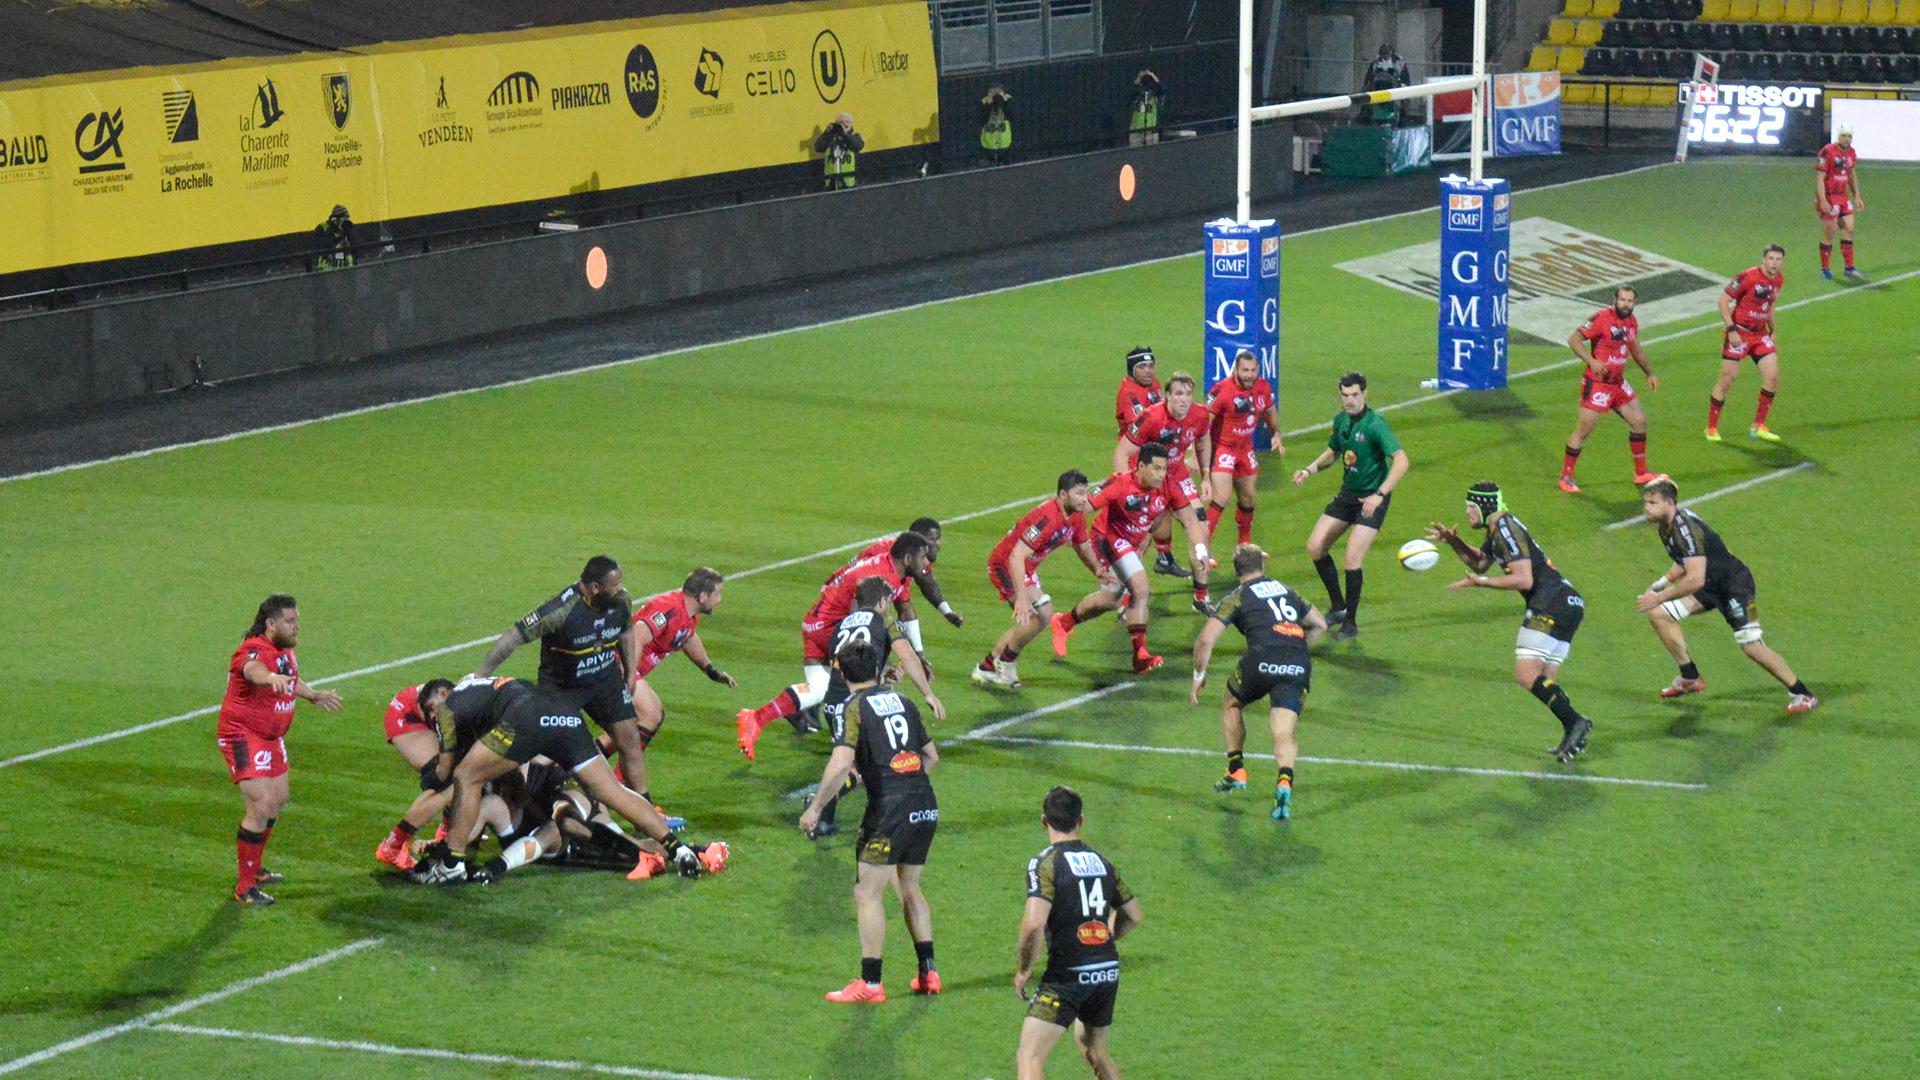 Le Stade Rochelais contre le LOU un match qui voit les rochelais l'emporter. ©Corentin Cousin